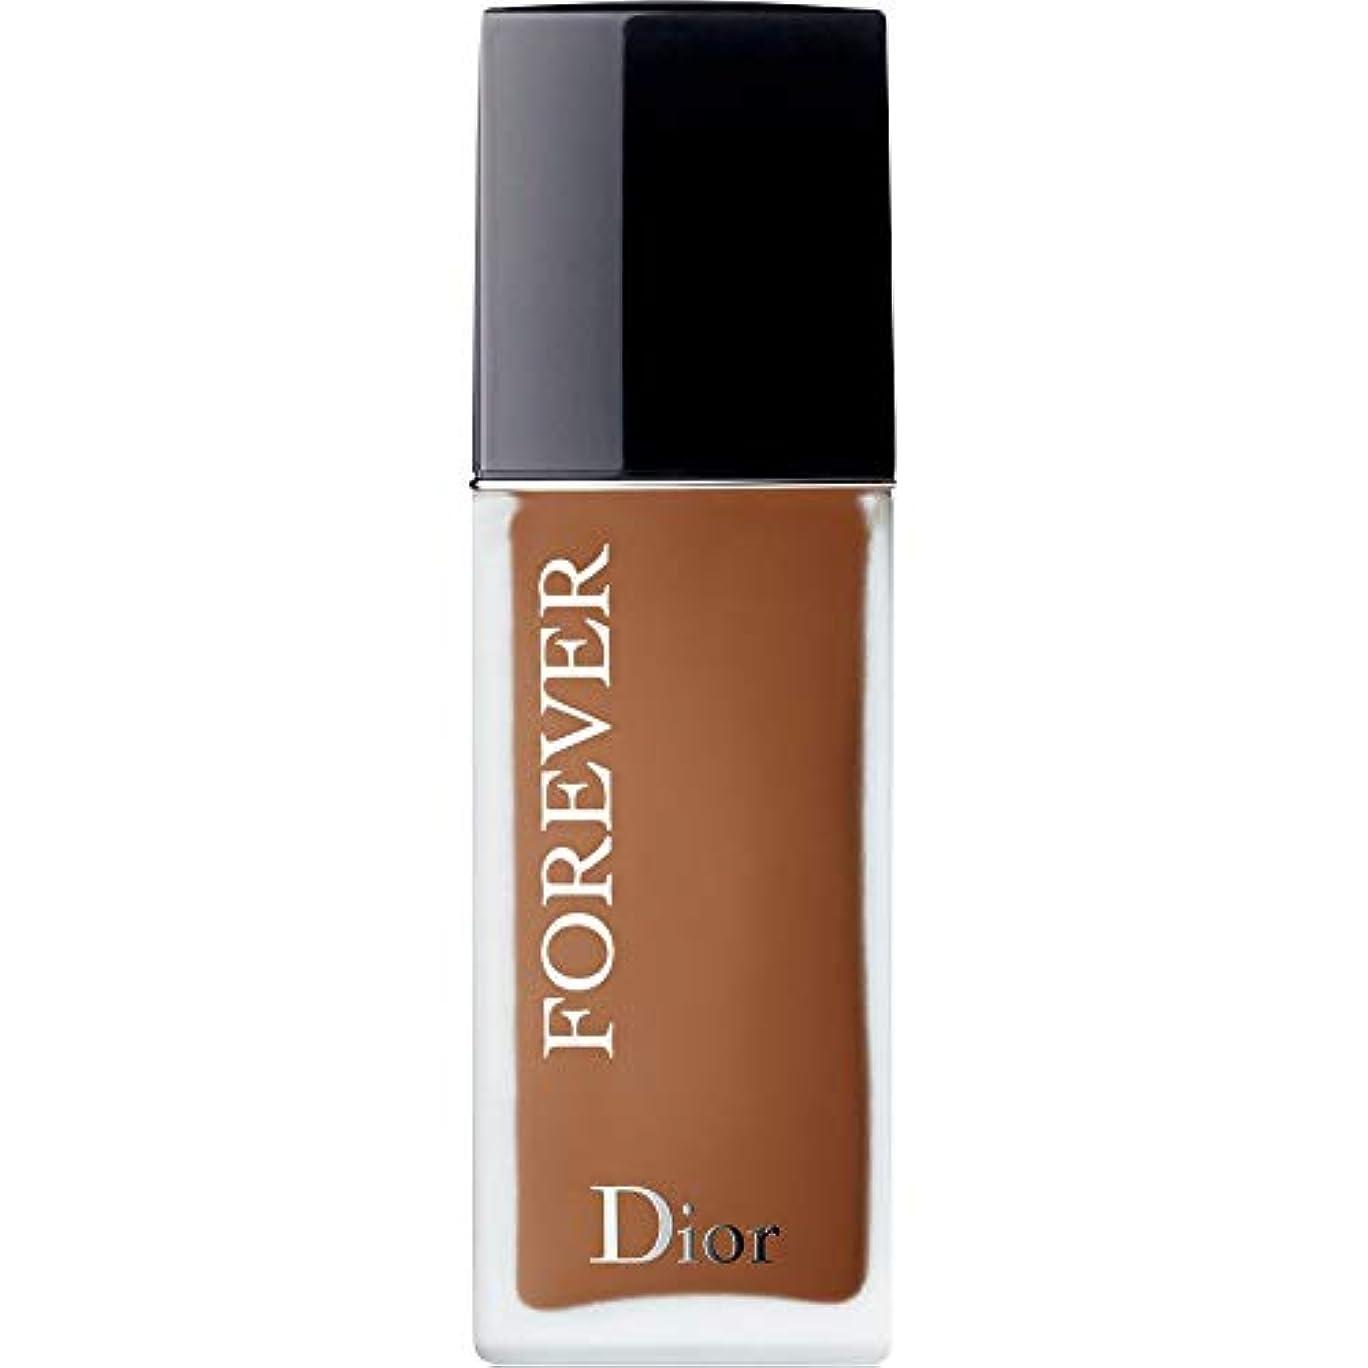 検閲不十分なシリング[Dior ] ディオール永遠皮膚思いやりの基盤Spf35 30ミリリットルの6.5N - ニュートラル(つや消し) - DIOR Forever Skin-Caring Foundation SPF35 30ml 6.5N - Neutral (Matte) [並行輸入品]